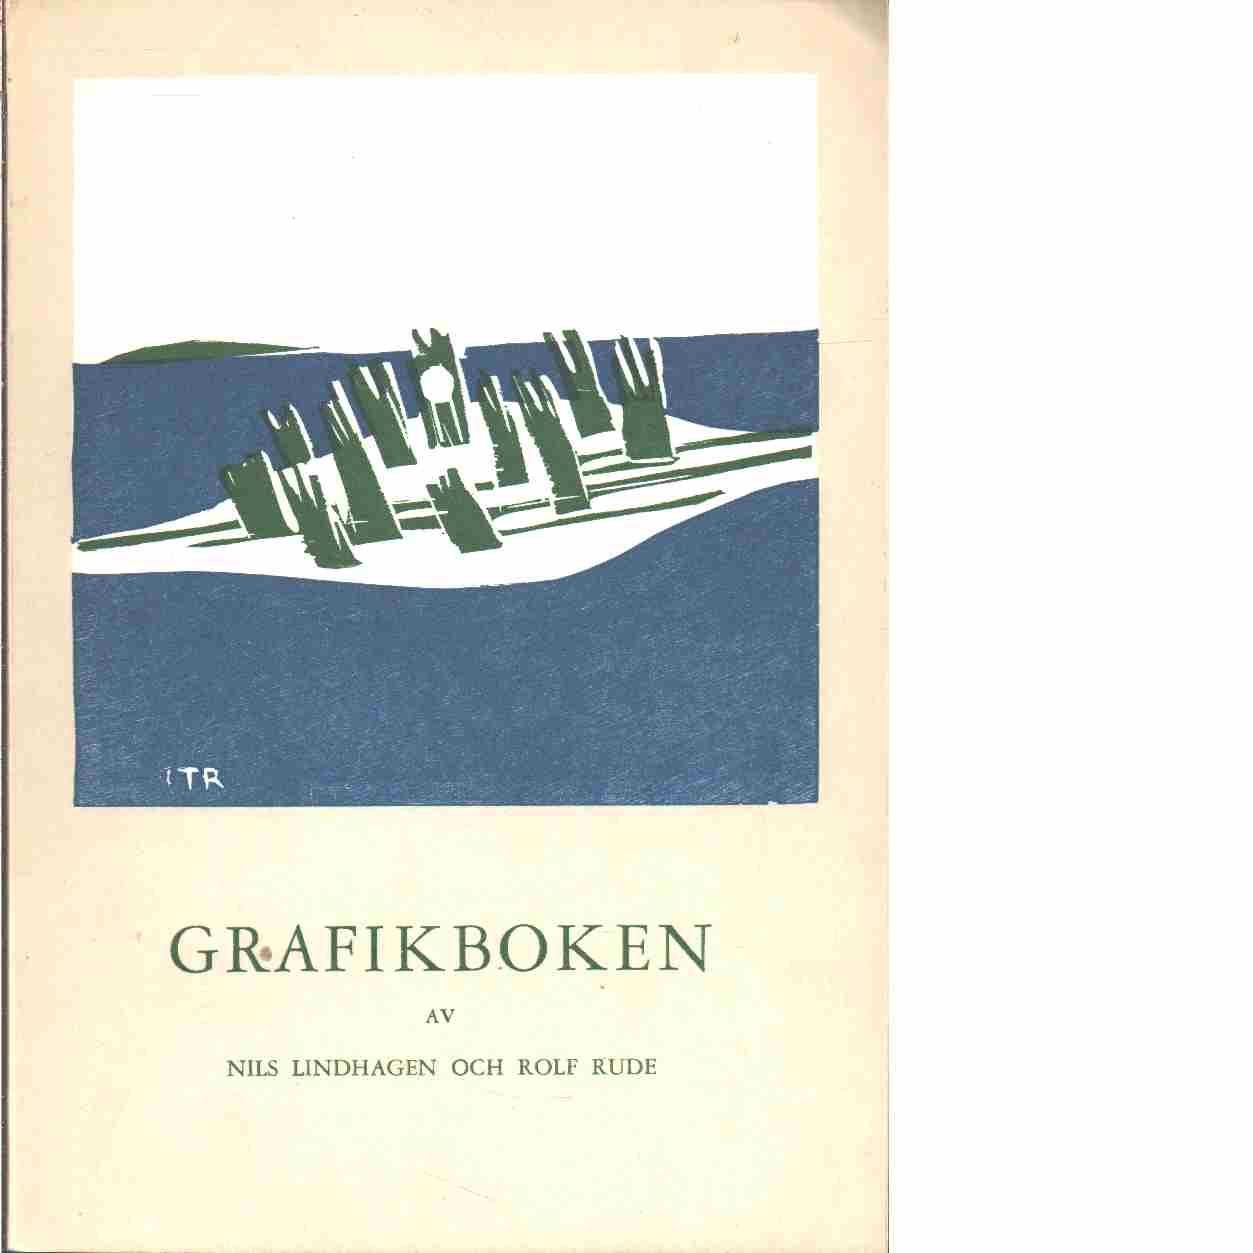 Grafikboken  - Lindhagen, Nils och Rude, Rolf